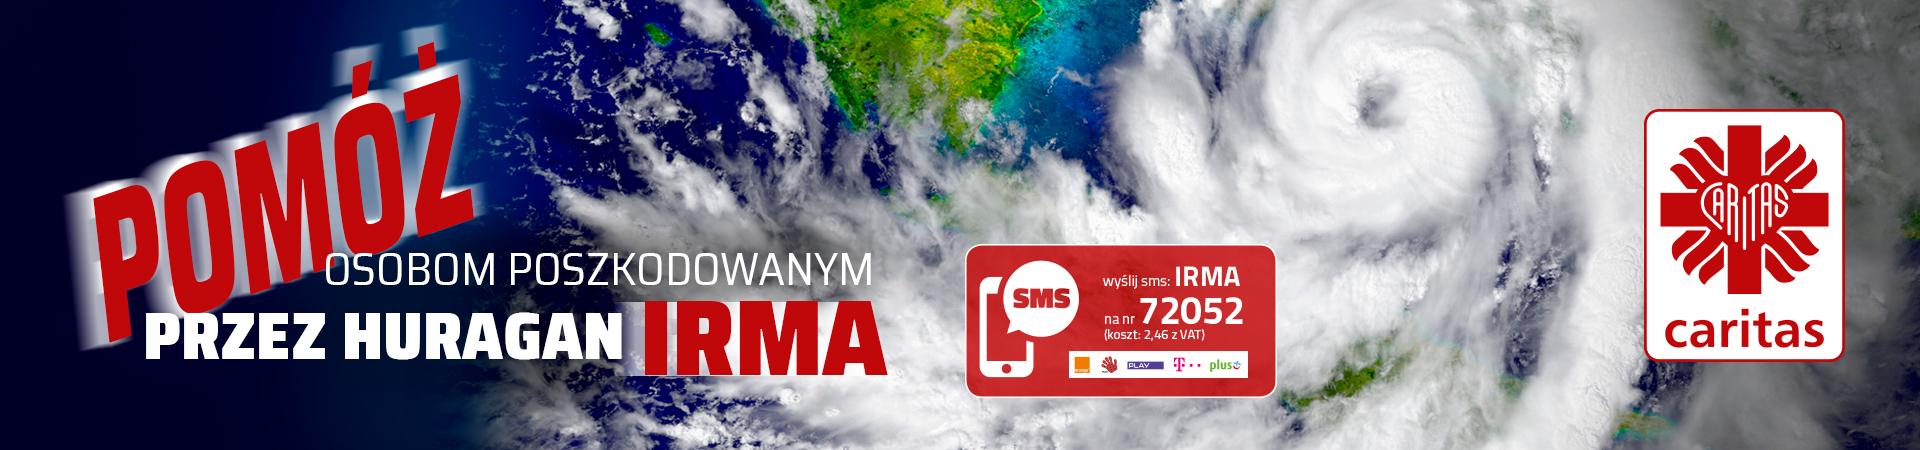 Irma_1920x450